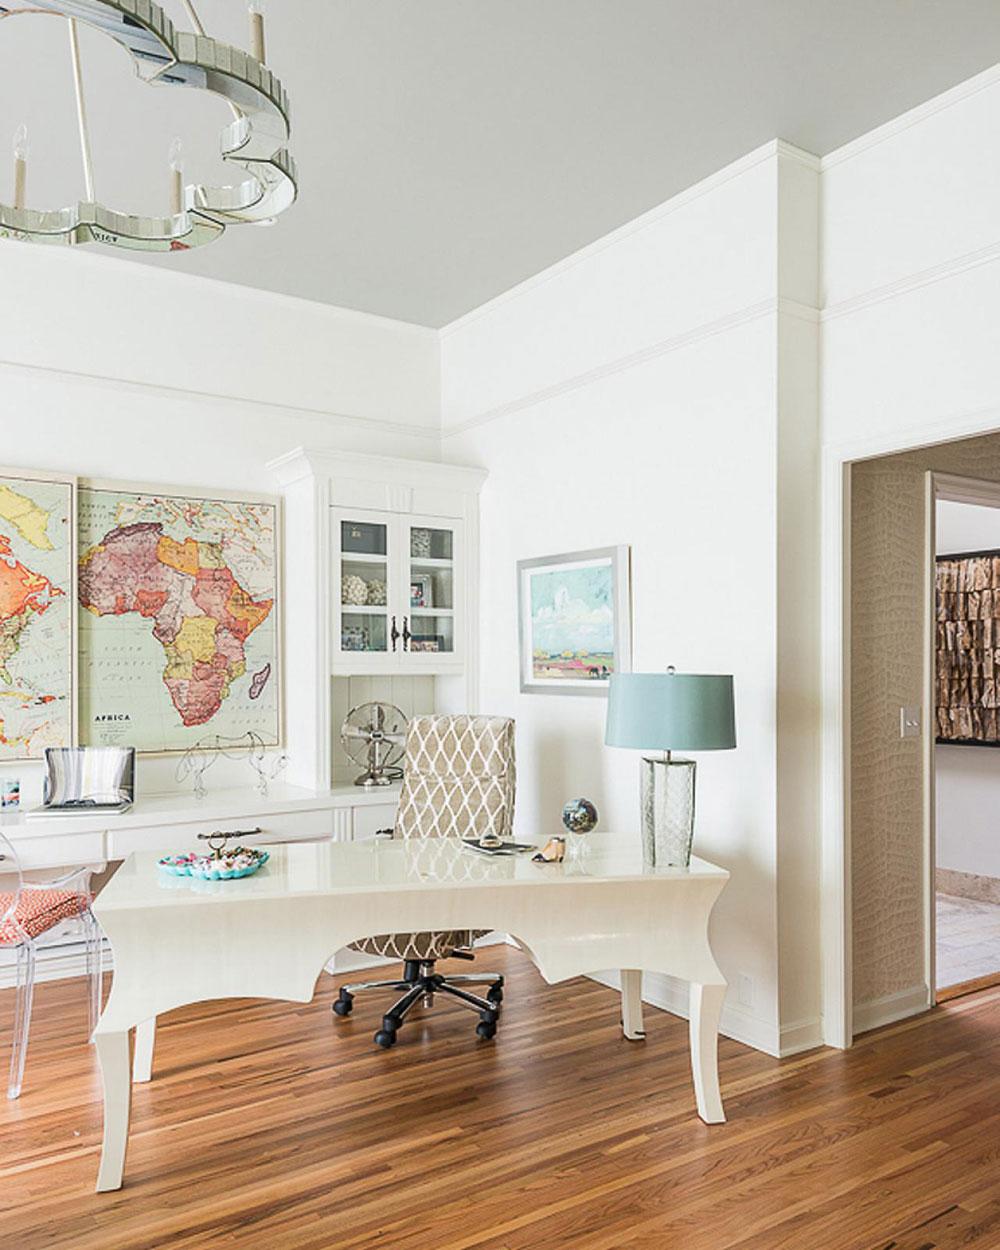 Stora hemmakontor-design-idéer-för-arbetet-för-hemmet-9 Stora hemmakontorsdesign-idéer för arbete hemifrån